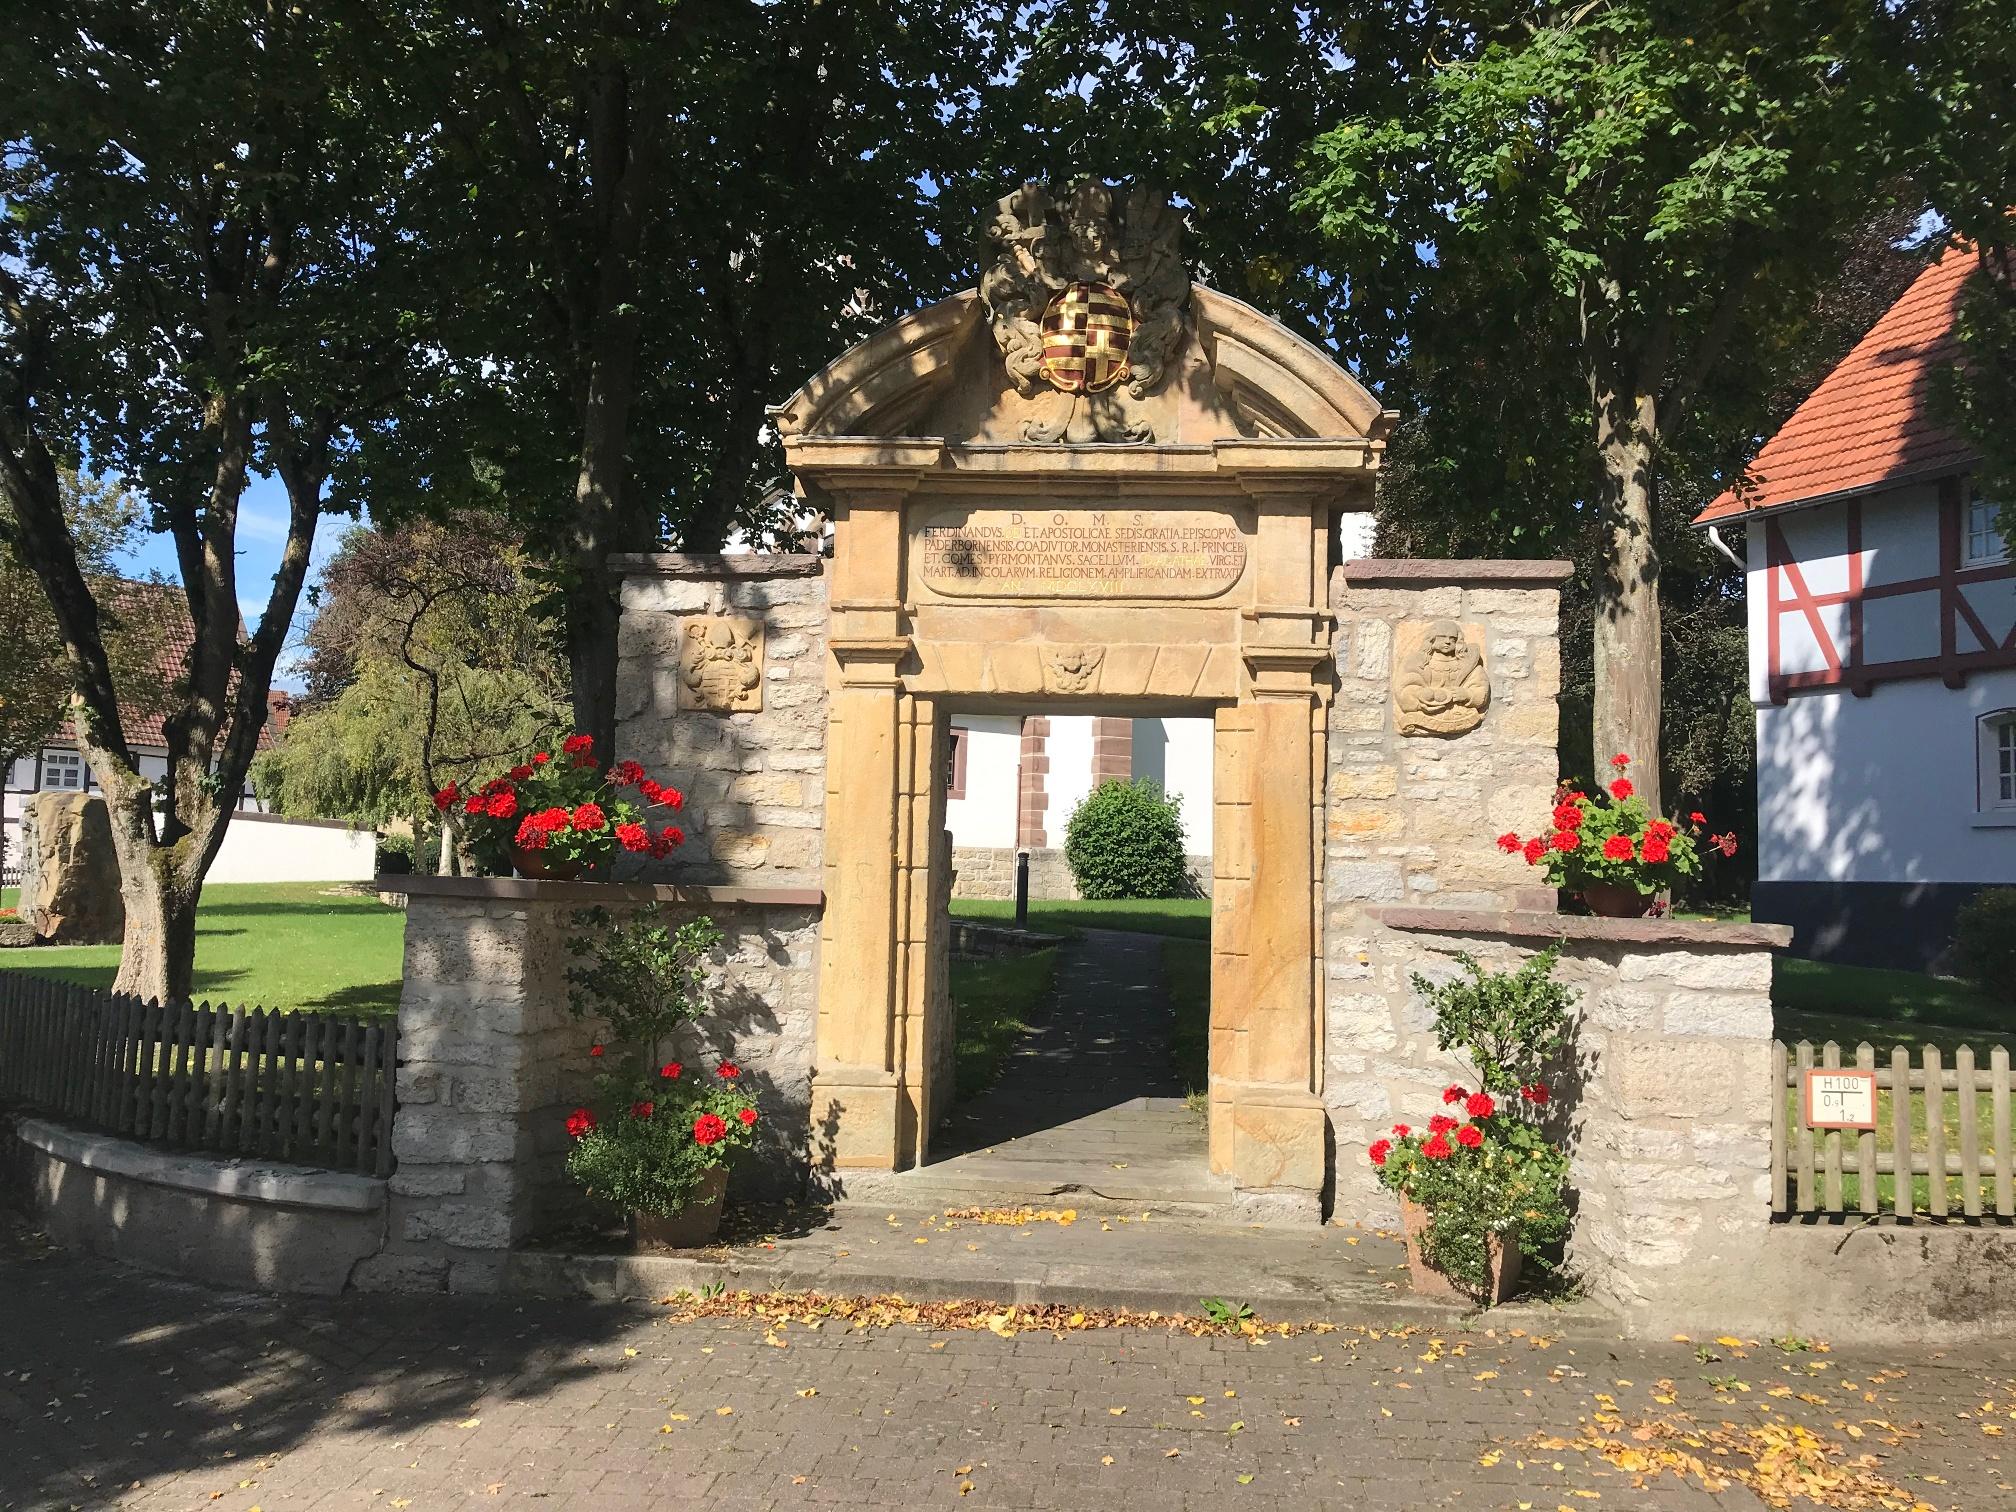 Kirchplatz in Siddessen